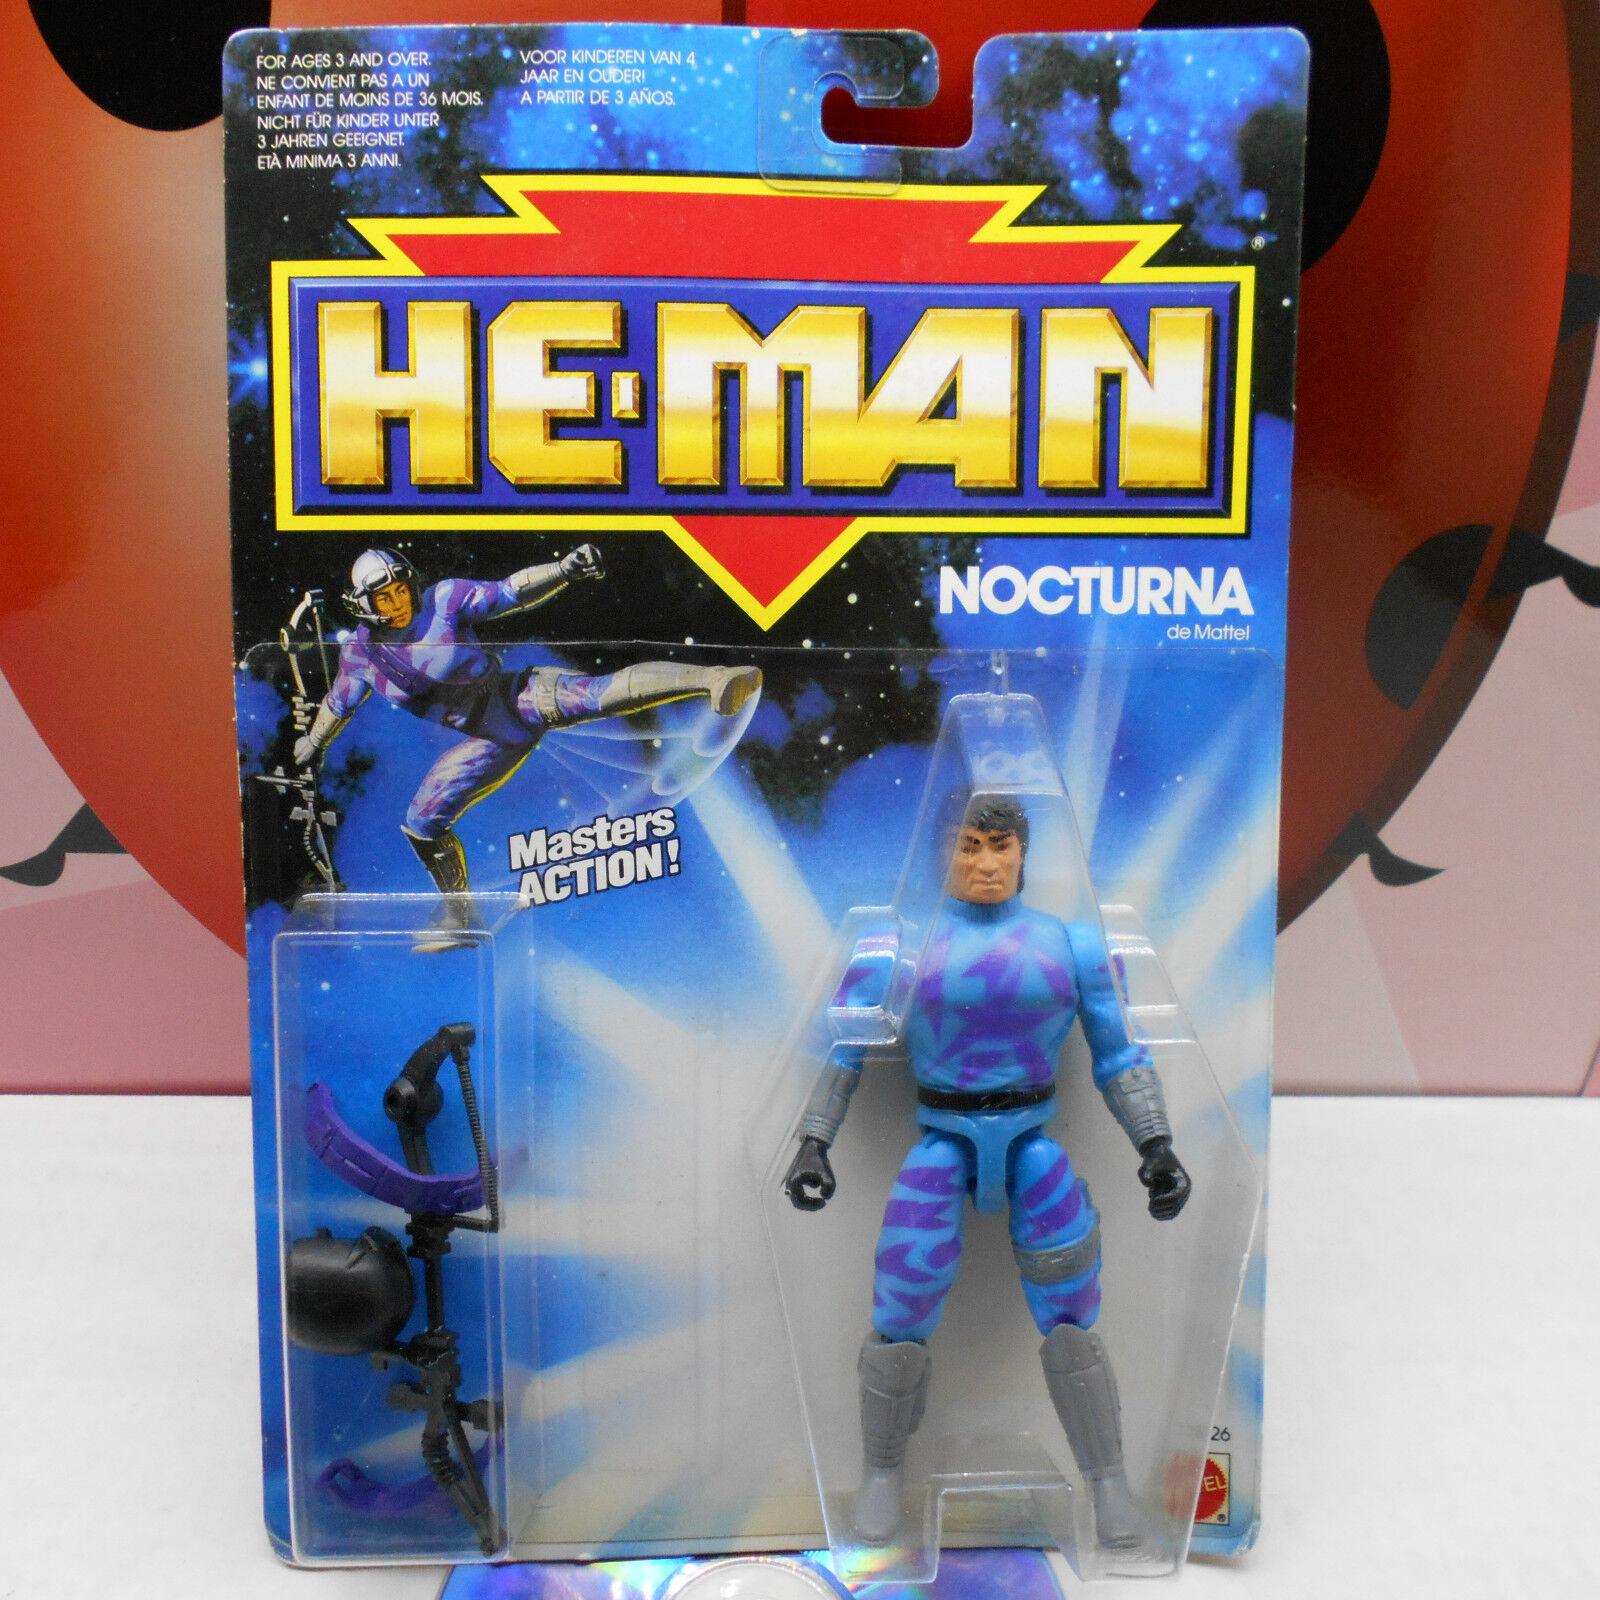 He-man nocturna 3526 proezas Masters Figura de Acción 1989 Mattel Amos Del Universo Vintage Raro